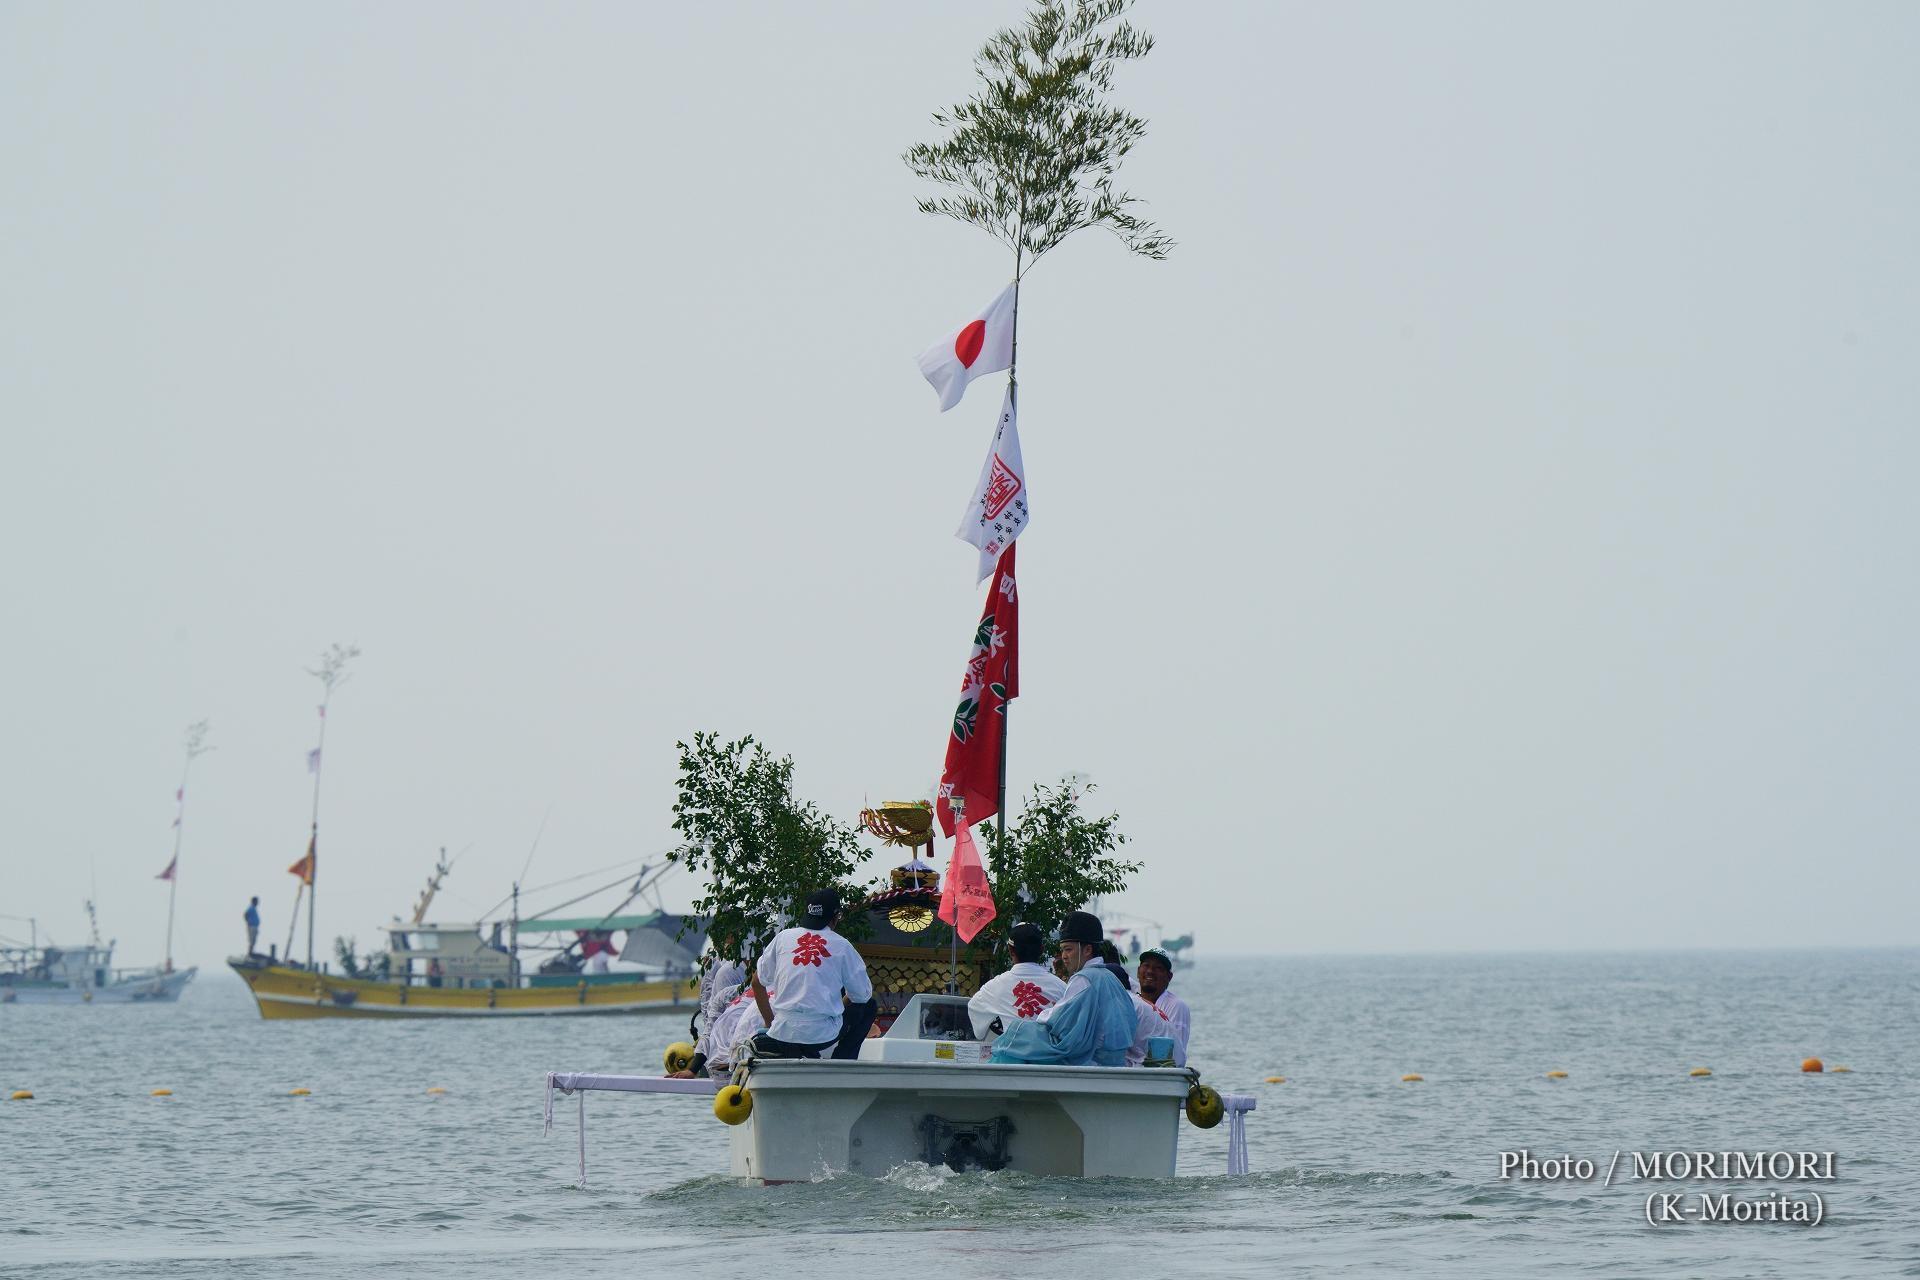 令和元年 2019年度 海を渡る祭礼 10